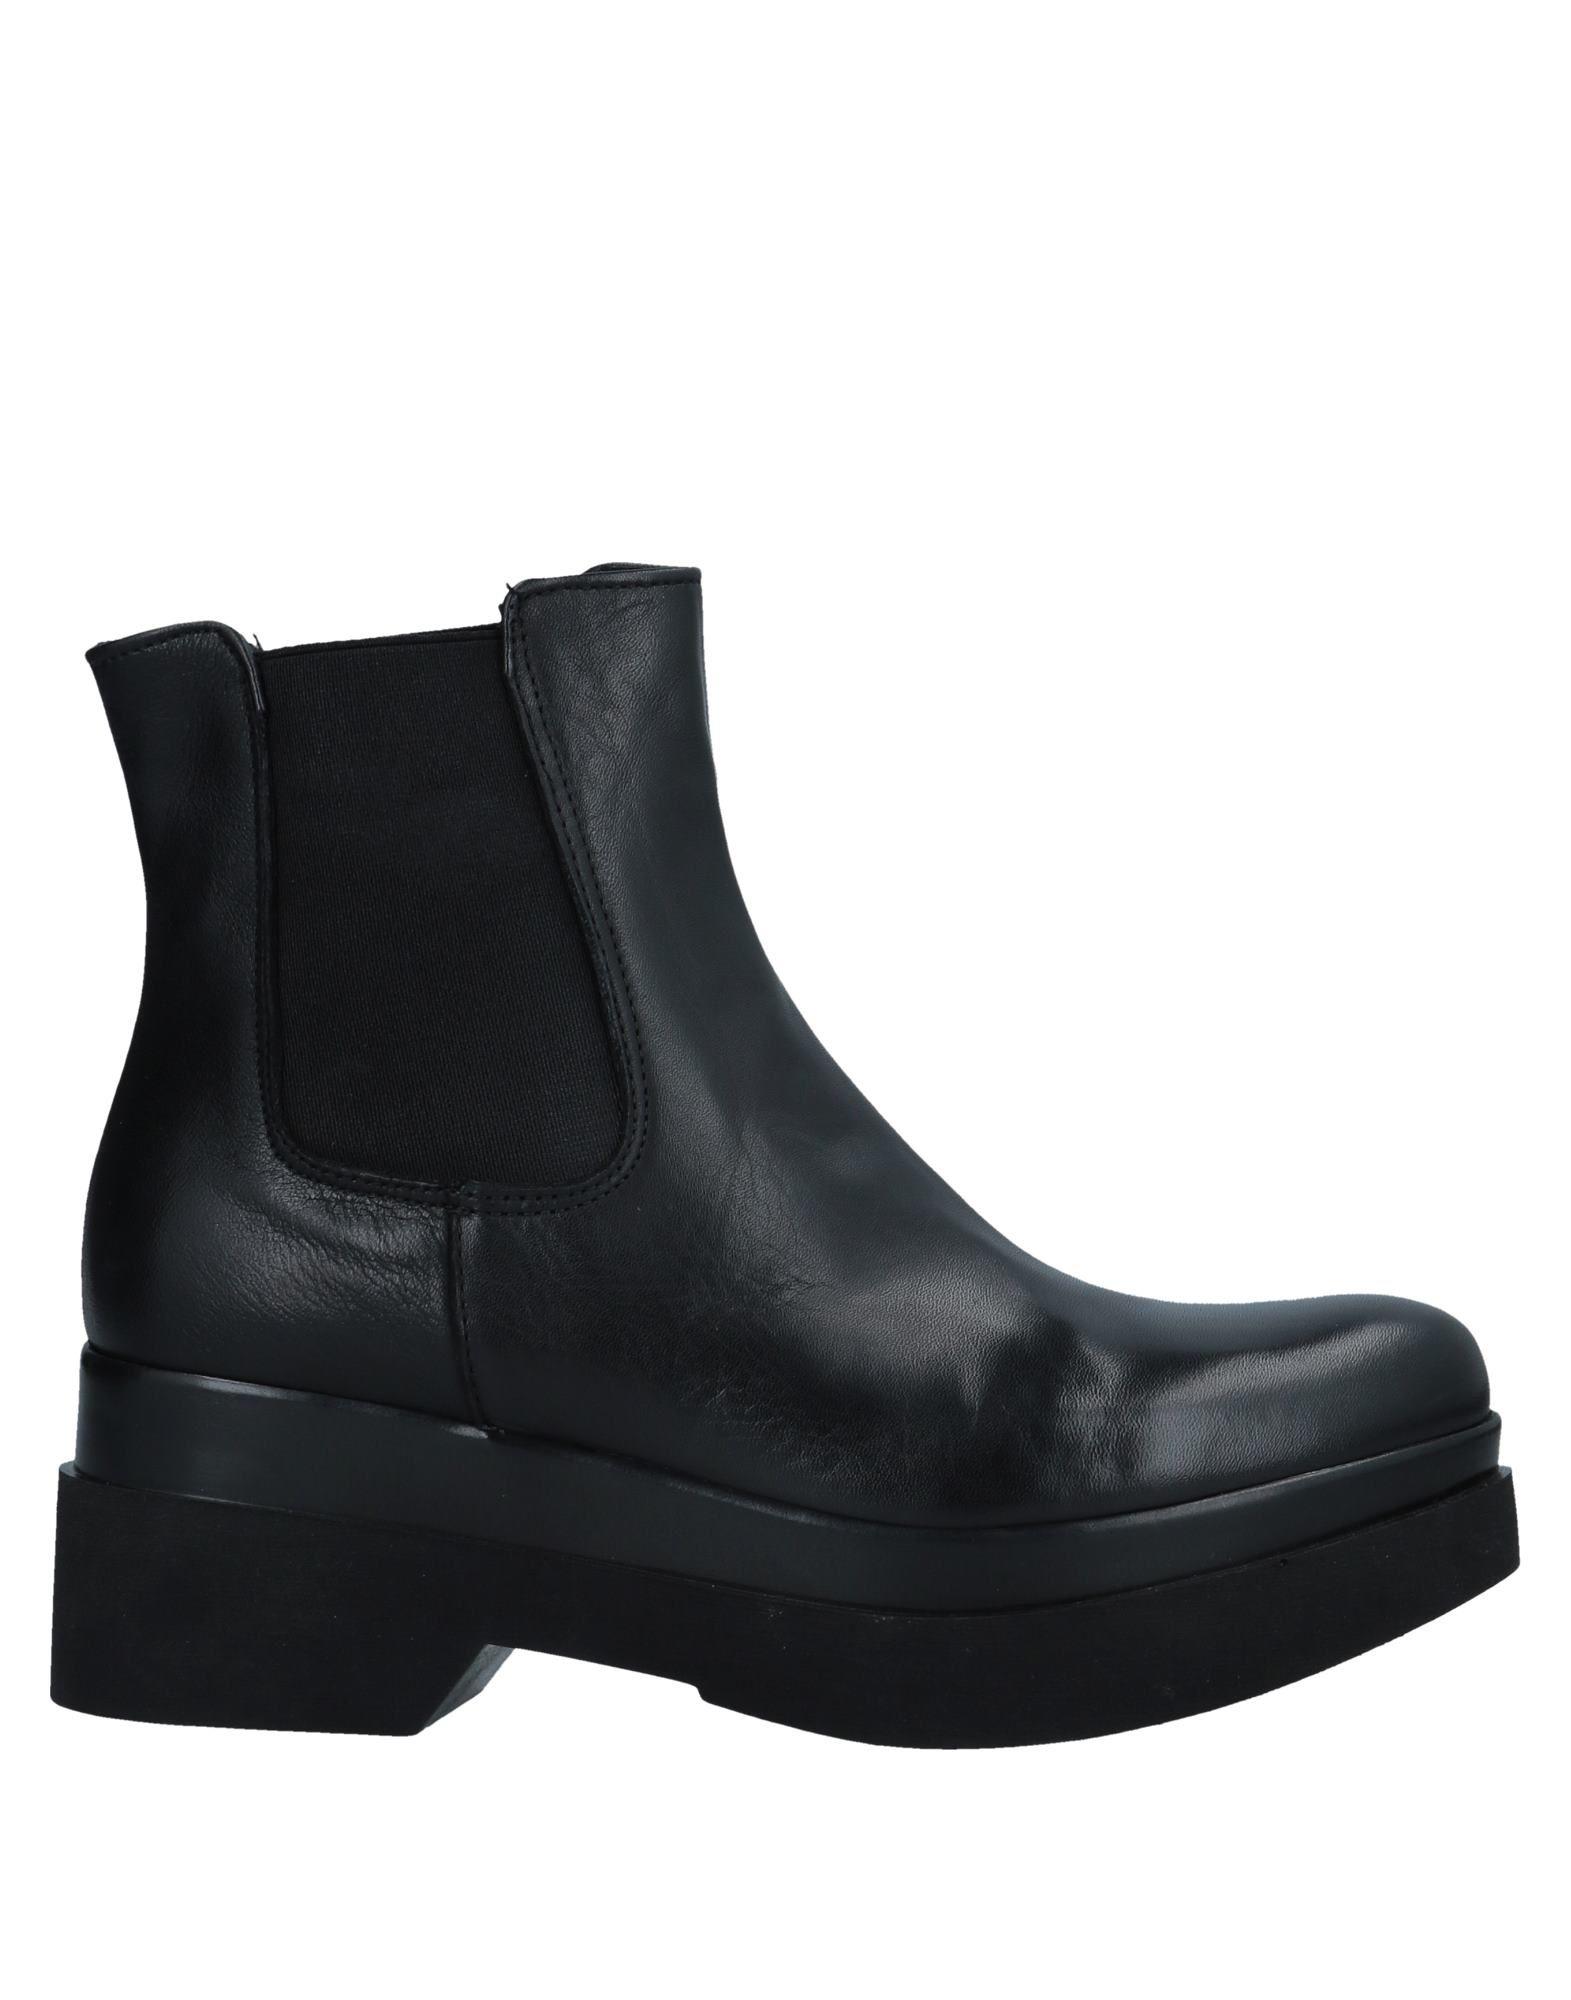 Brawn's Chelsea Boots Damen lohnt Gutes Preis-Leistungs-Verhältnis, es lohnt Damen sich,Sonderangebot-2722 d967e3